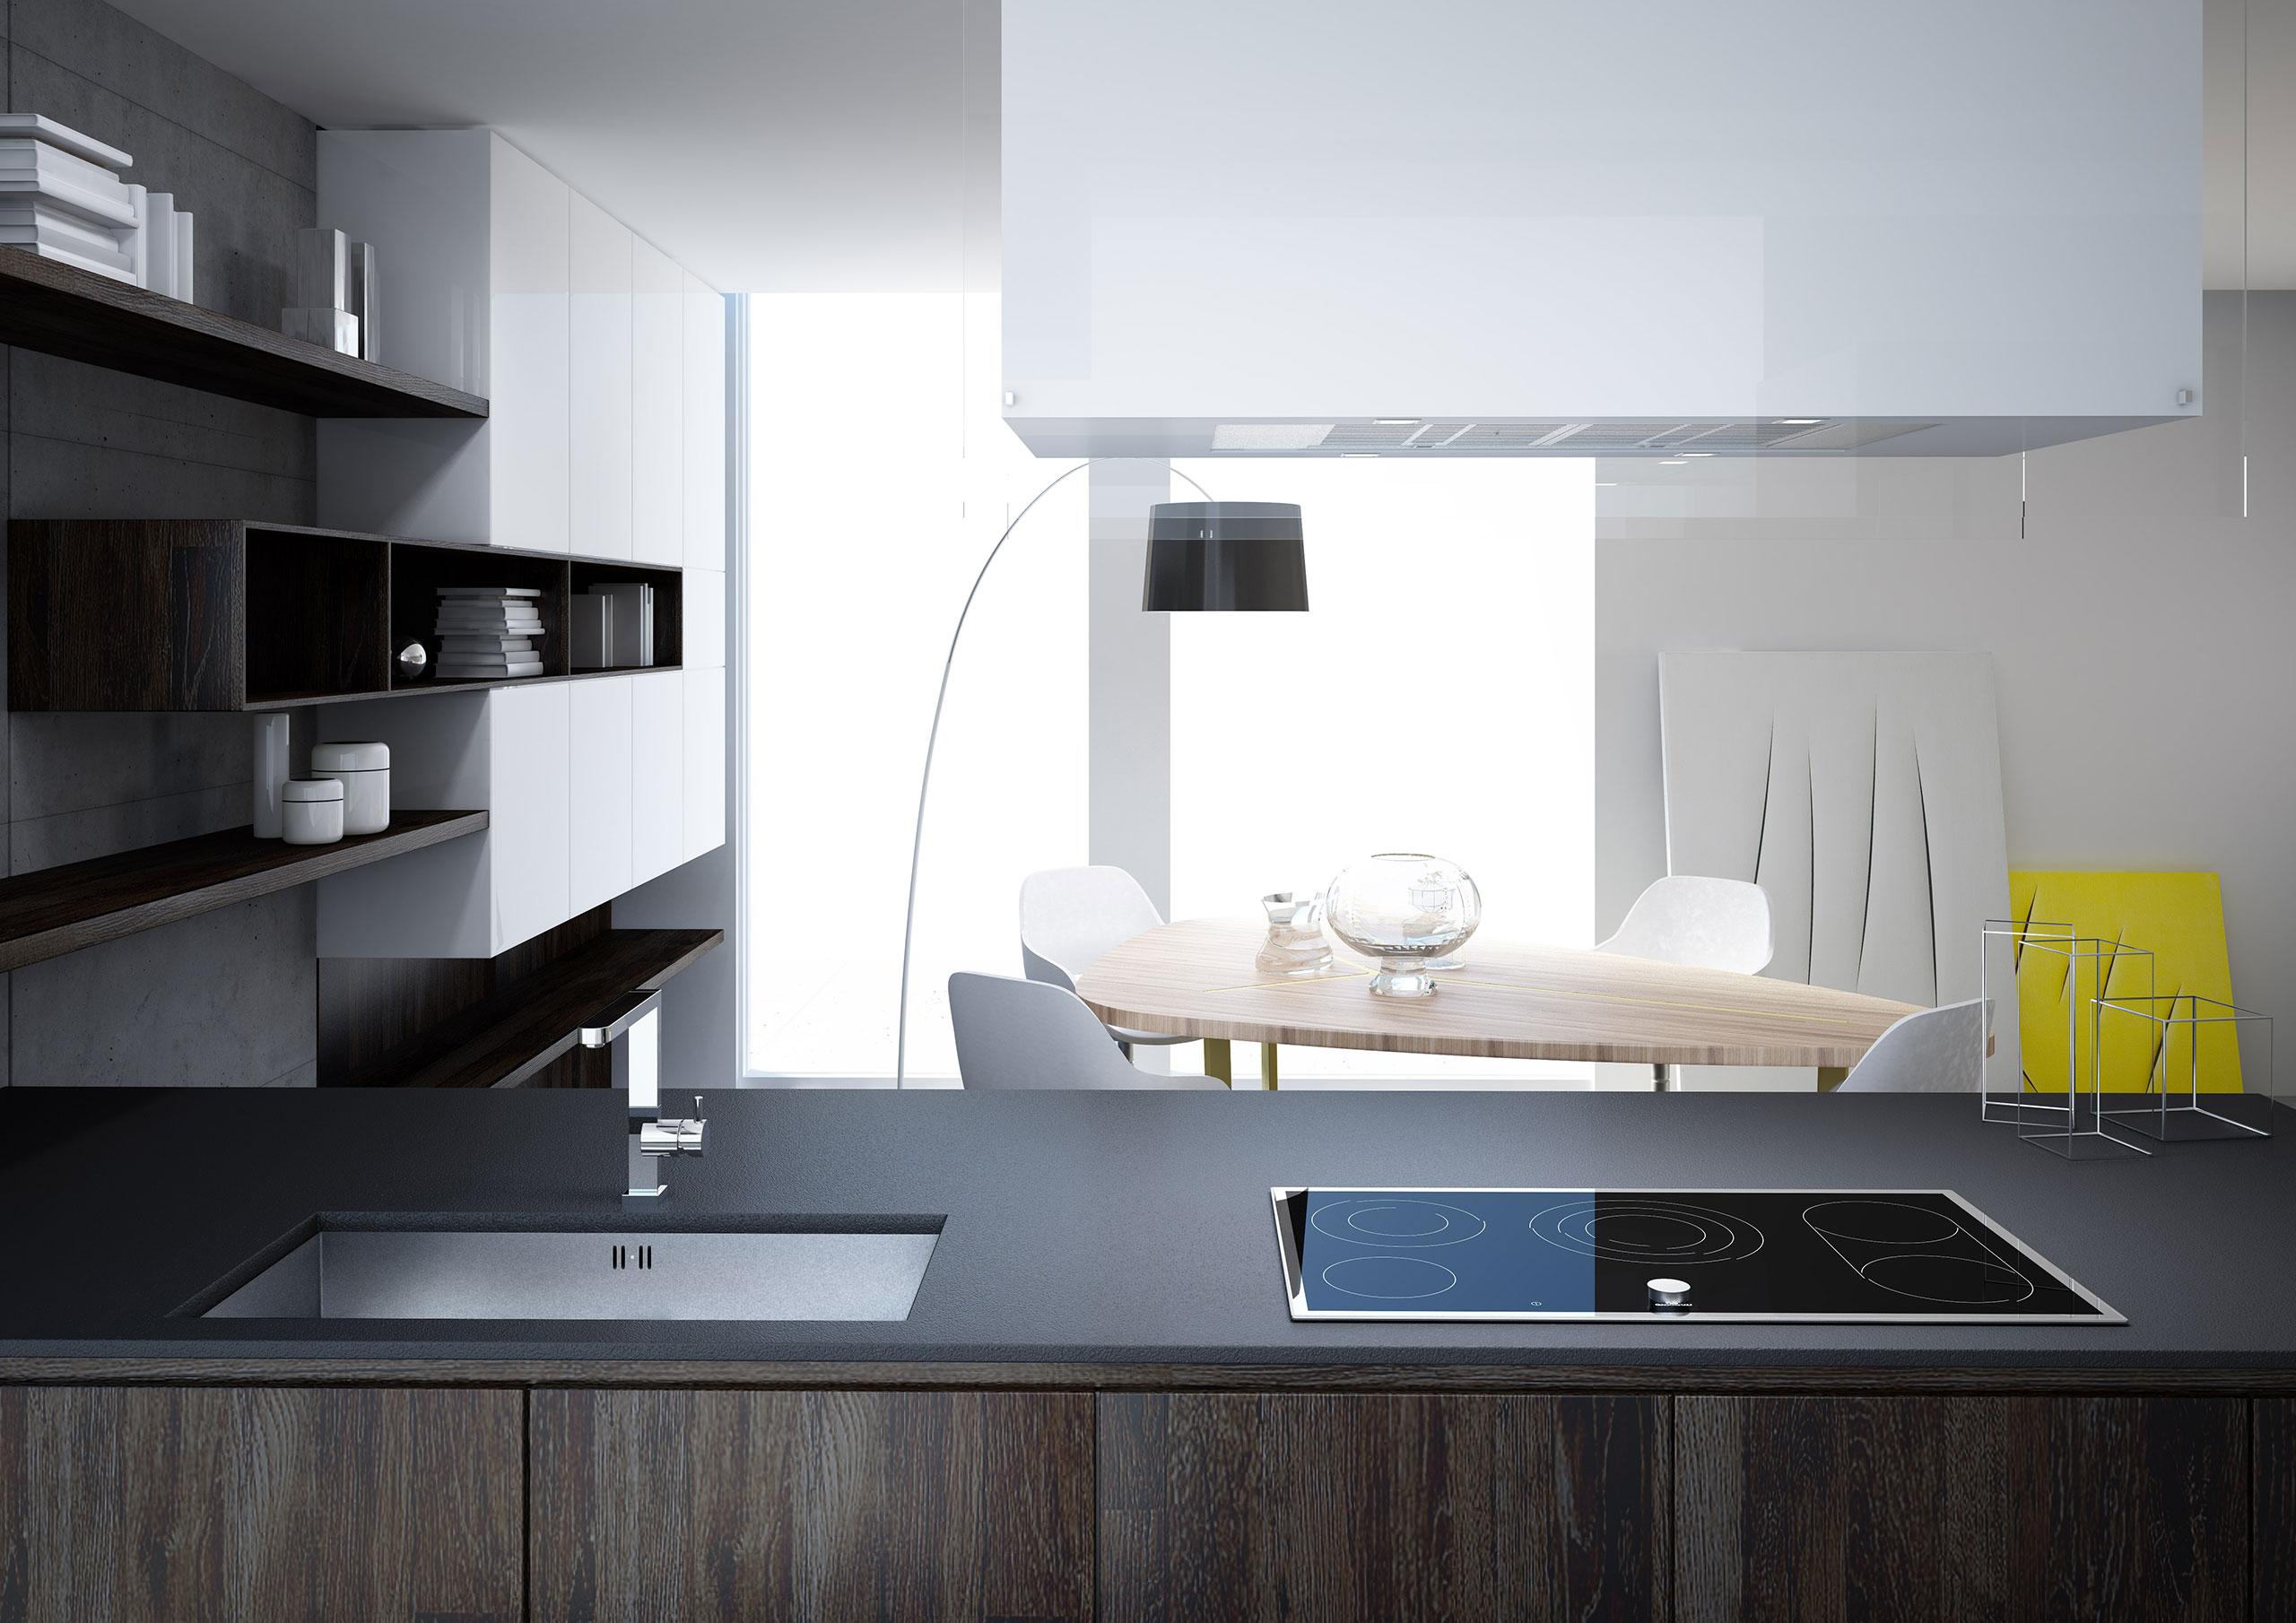 Cappellini cucine beautiful stunning cappellini cucine with cucine cappellini with cappellini - Cappellini cucine ...